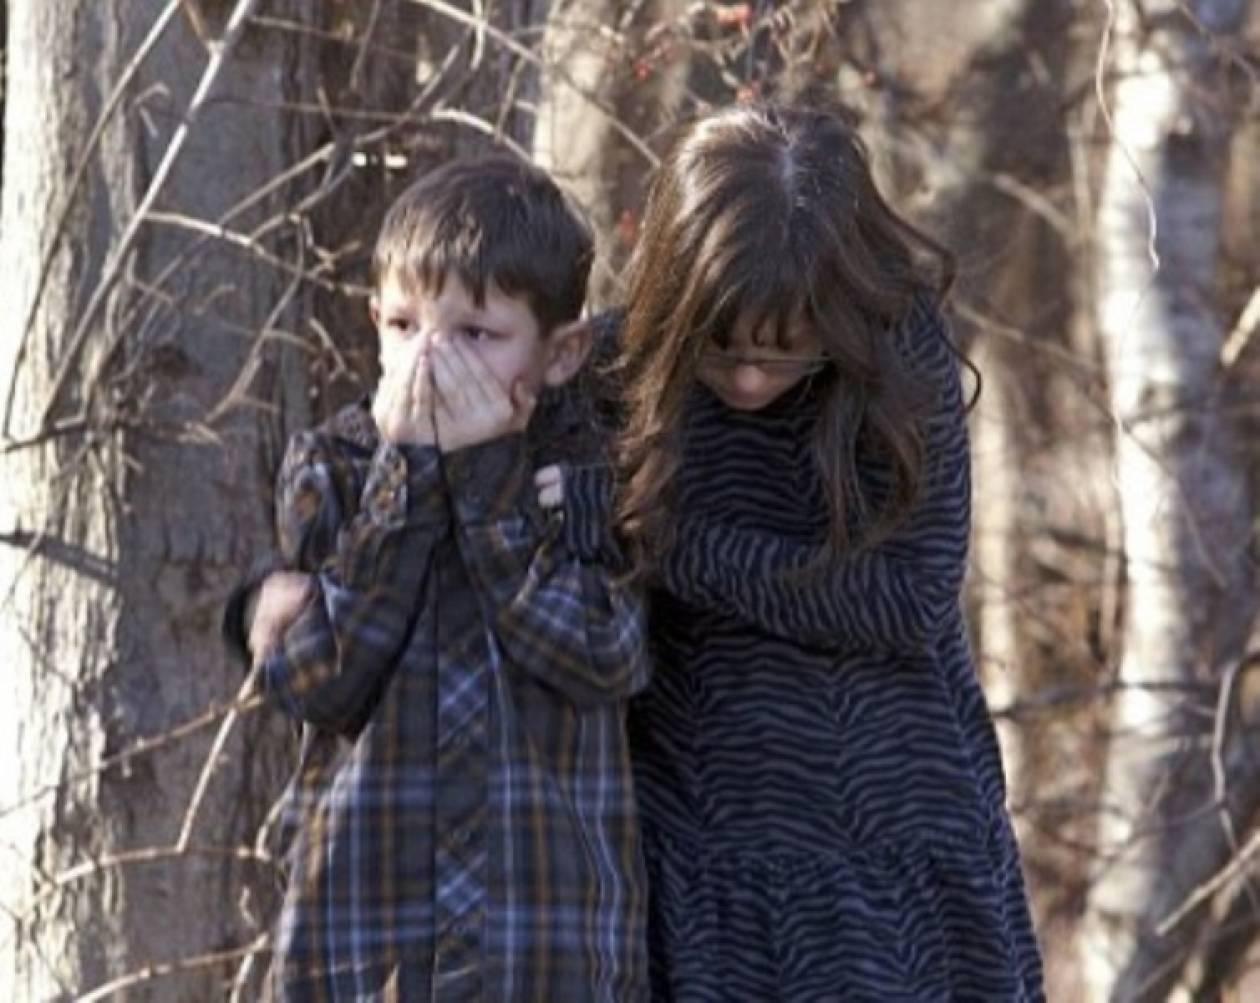 Μεταξύ 6 και 7 χρονών τα θύματα του Κονέκτικατ